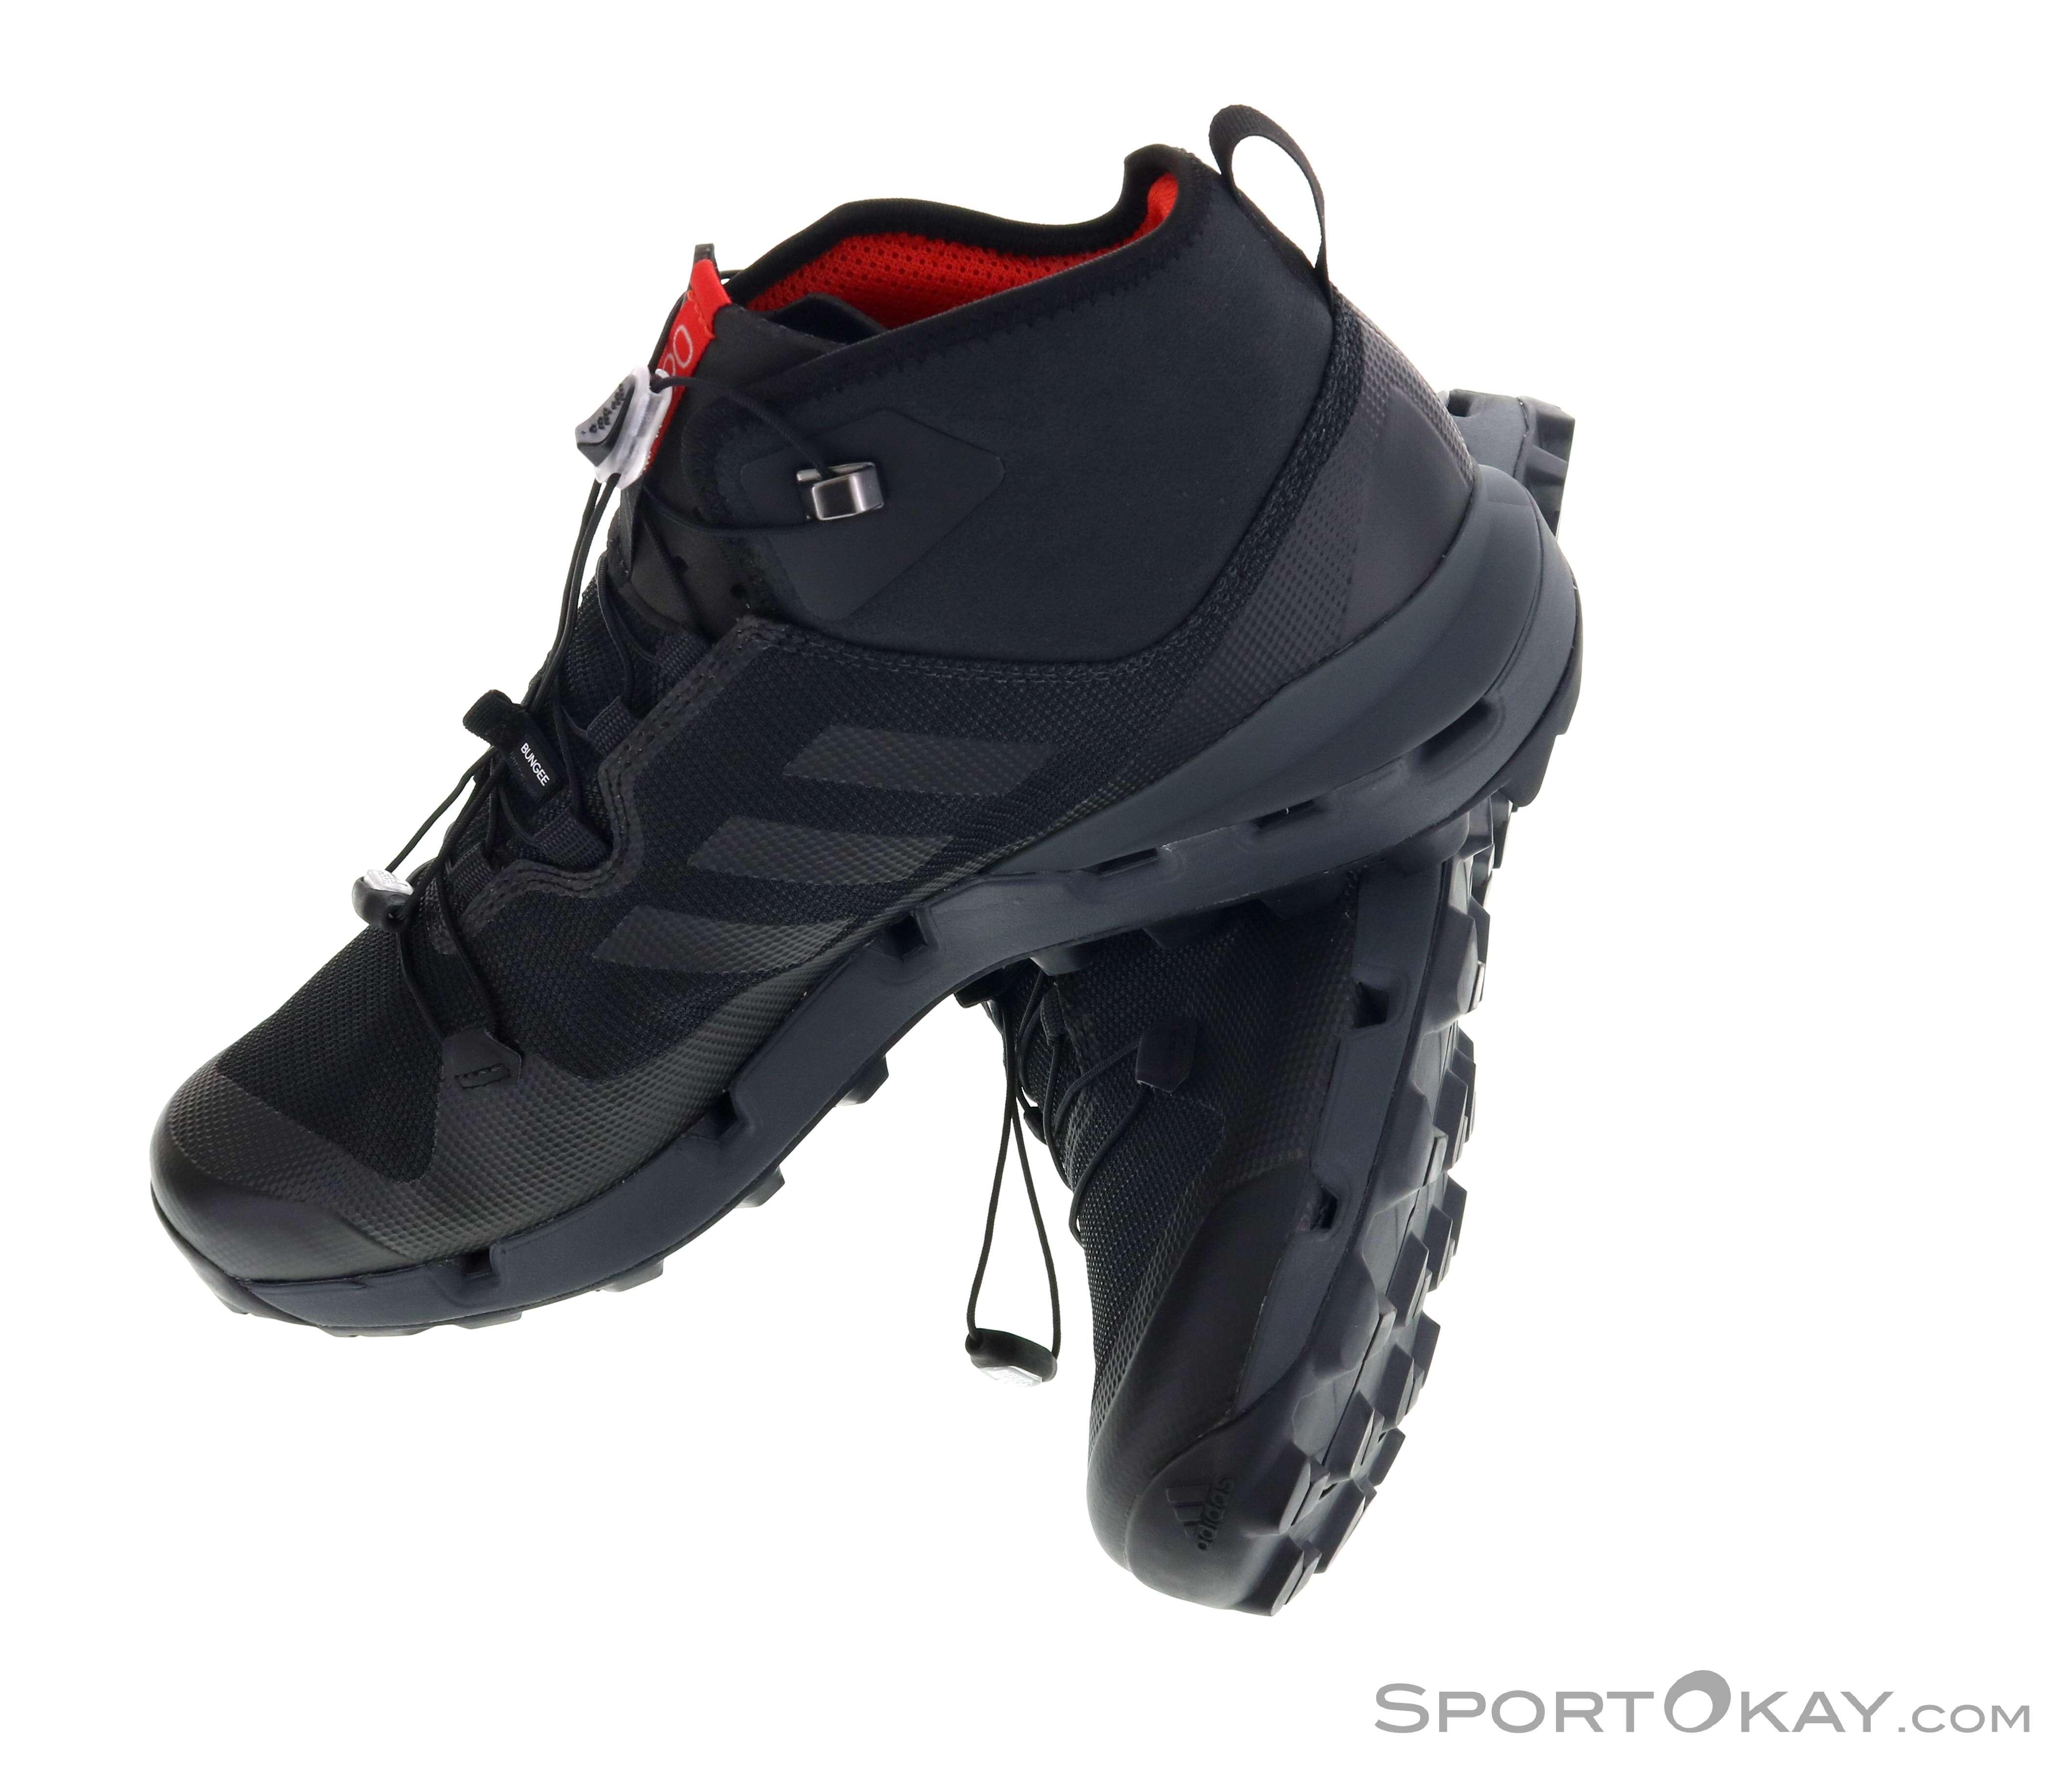 on sale f1865 072d5 adidas Terrex Fast Mid GTX Mens Hiking Boots Gore-Tex, adidas, Black,